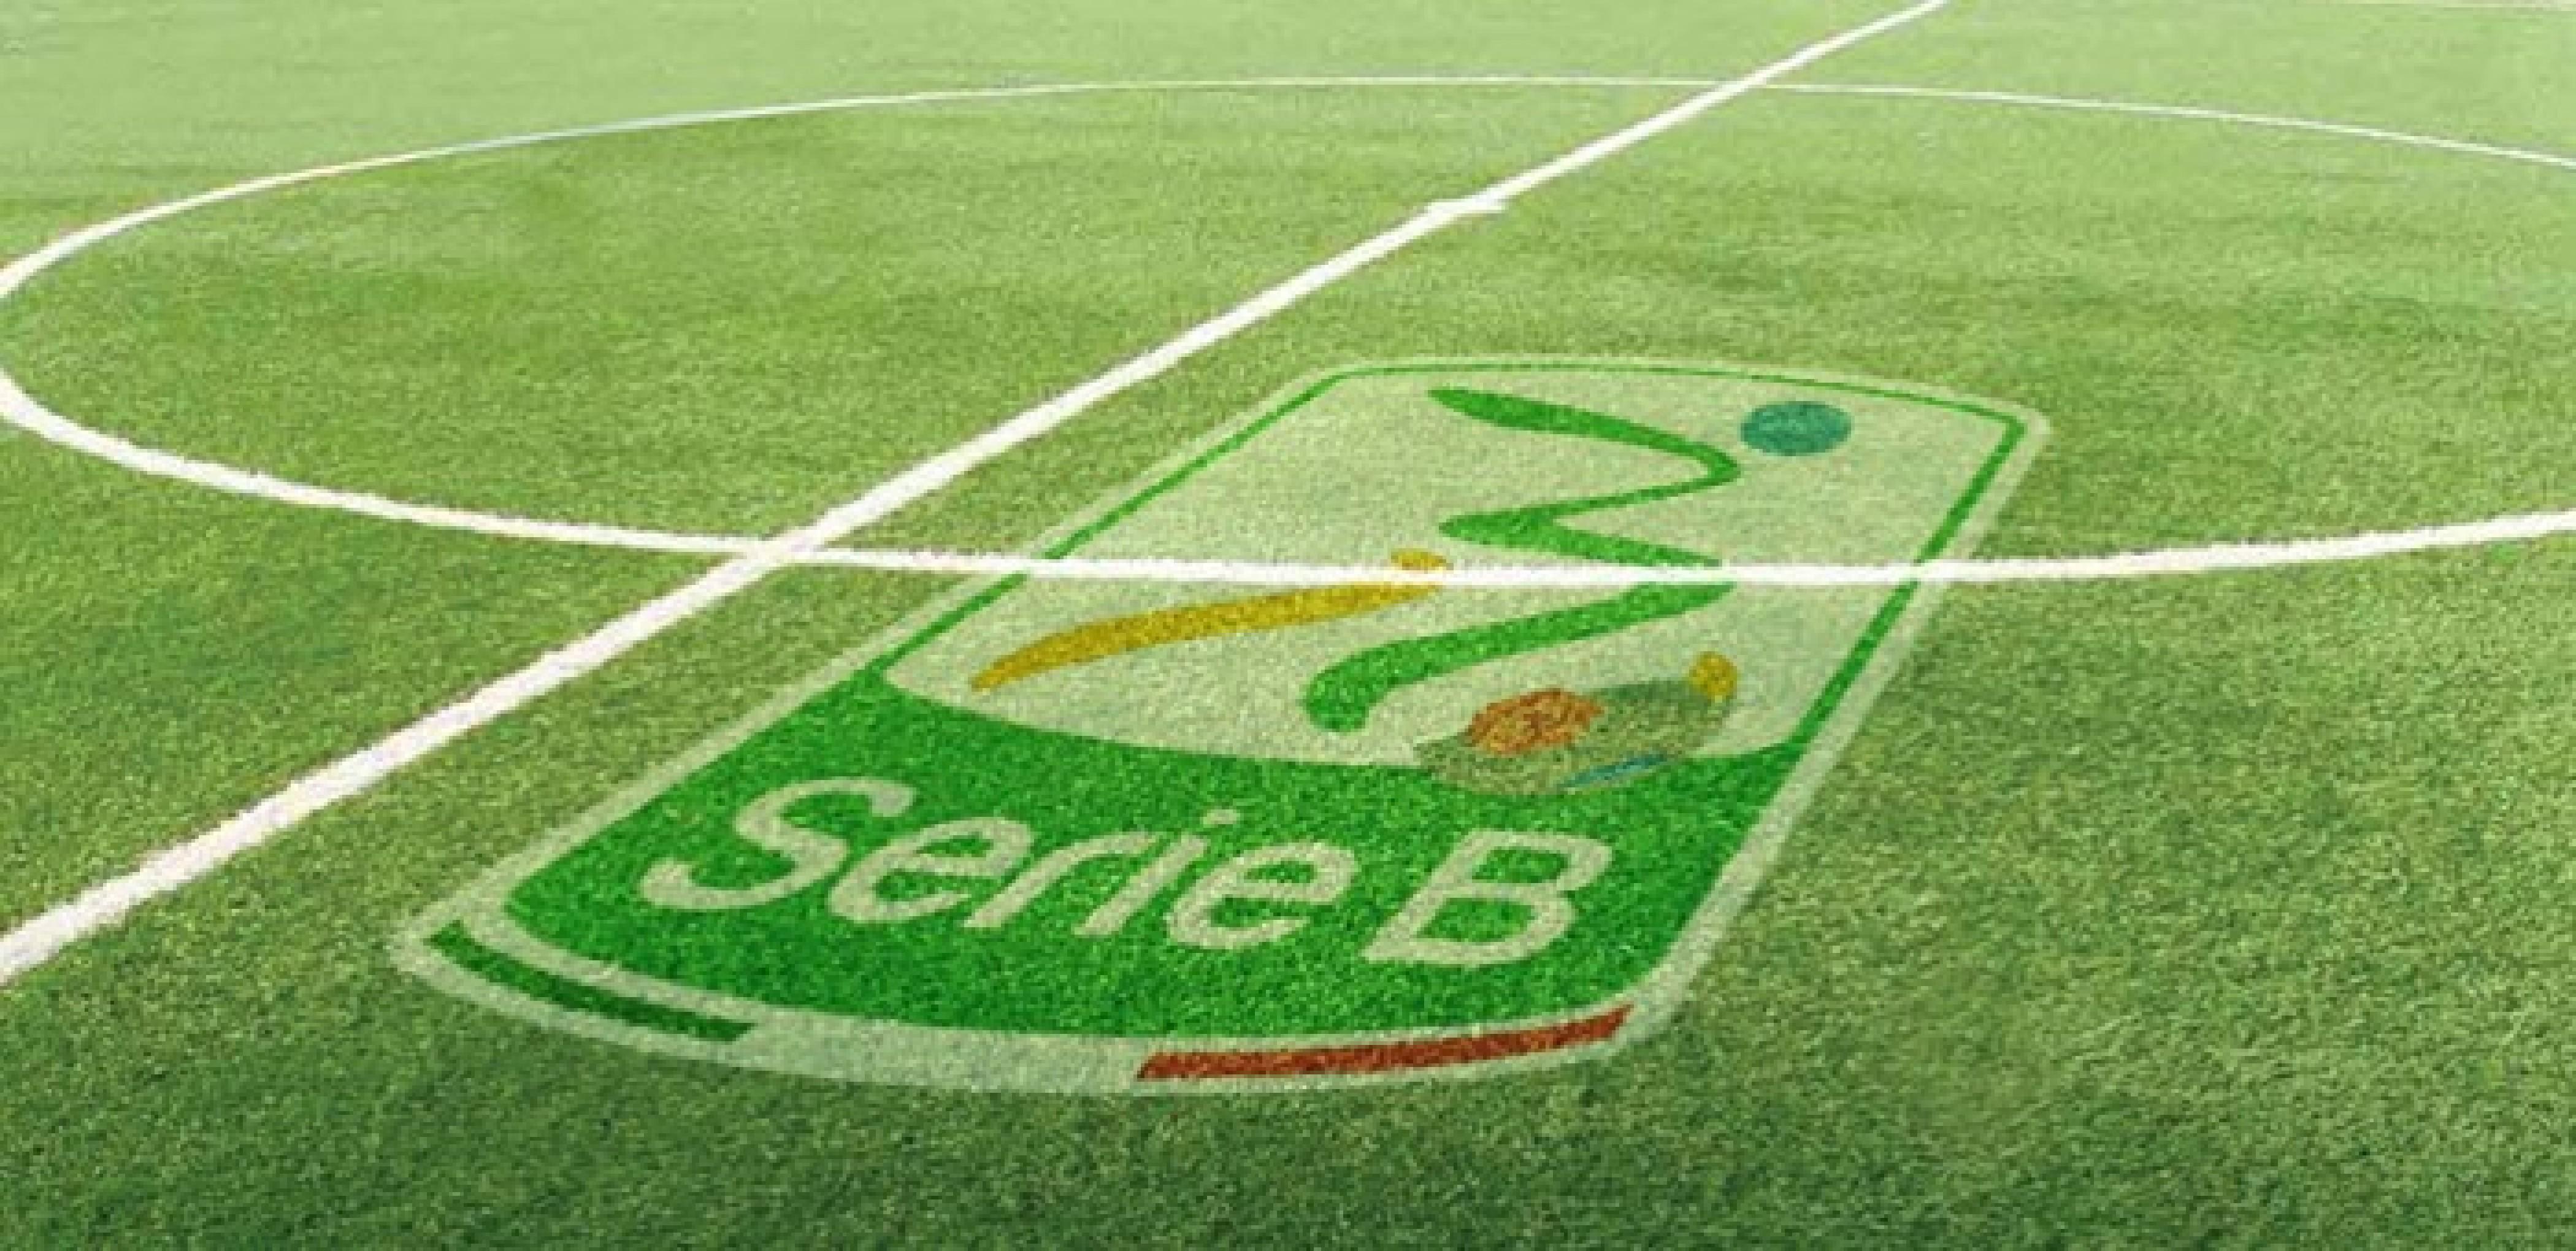 Serie B: spicca la sfida tra Crotone ed Hellas Verona, il Palermo è chiamato ad ingranare